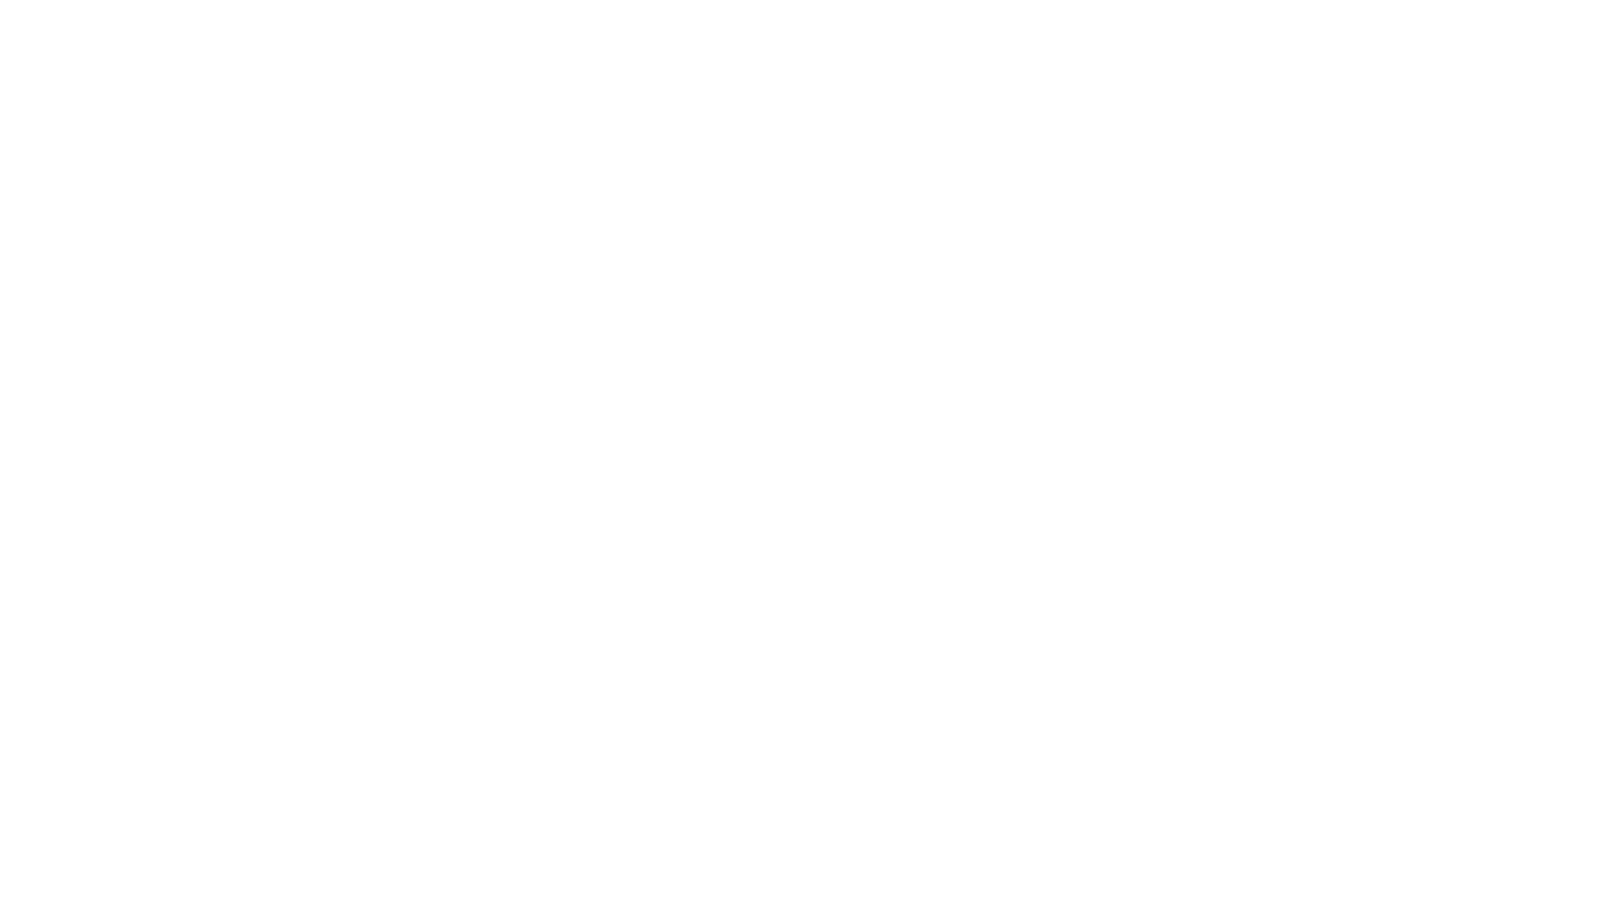 """Asociația """"Ține de Noi"""" - ONG înființat în 2017, Președinte Răzvan Orășanu  Promovăm valorile democratice și euro – atlantice ca o șansă pentru modernizarea României Cursuri / Seminarii / Training-uri / Burse / Conferinte  Linkuri Sociale:  Web-site http://www.tinedenoi.ro  Contact office@tinedenoi.ro  Facebook www.facebook.com/asociatiatinedenoi  Instagram www.instagram.com/asociatia.tinedenoi  Youtube https://tinyurl.com/YtbAsociatiaTineDeNoi  #TineDeNoi #AsociatiaROI"""